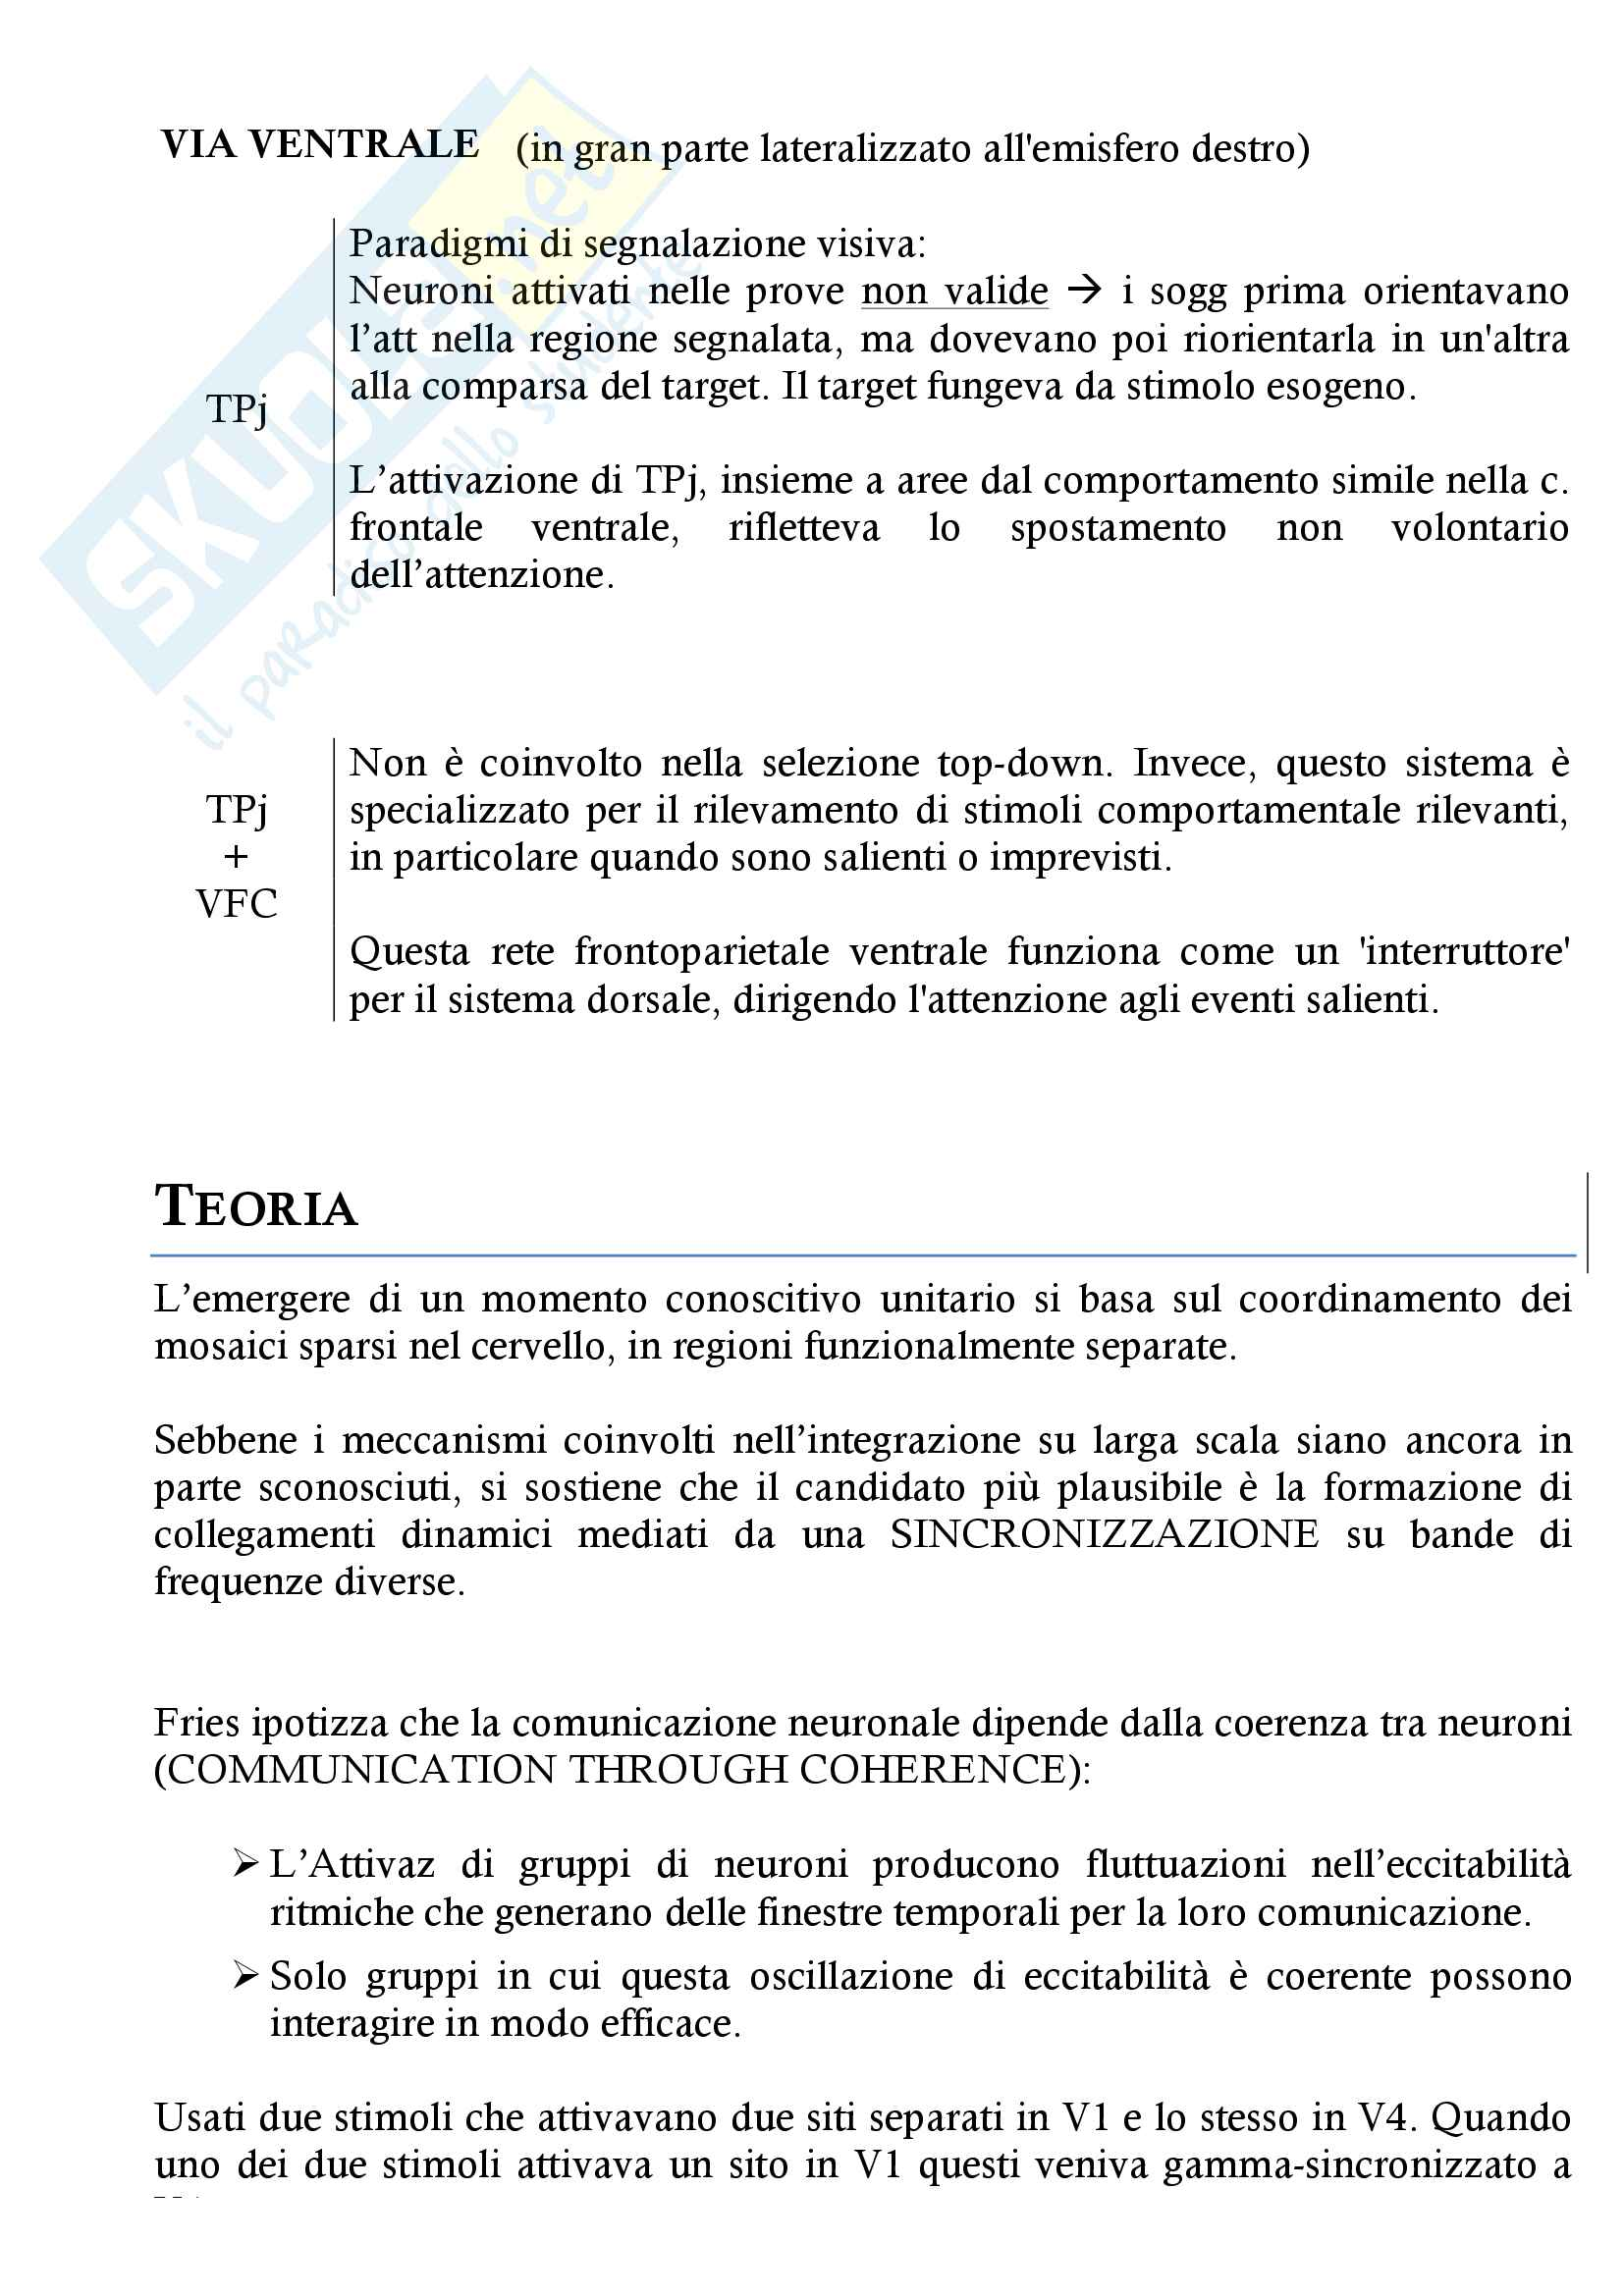 Consapevolezza visiva, Attenzione, Rappresentazione mentale del corpo, Integrazione multisensoriale Pag. 21